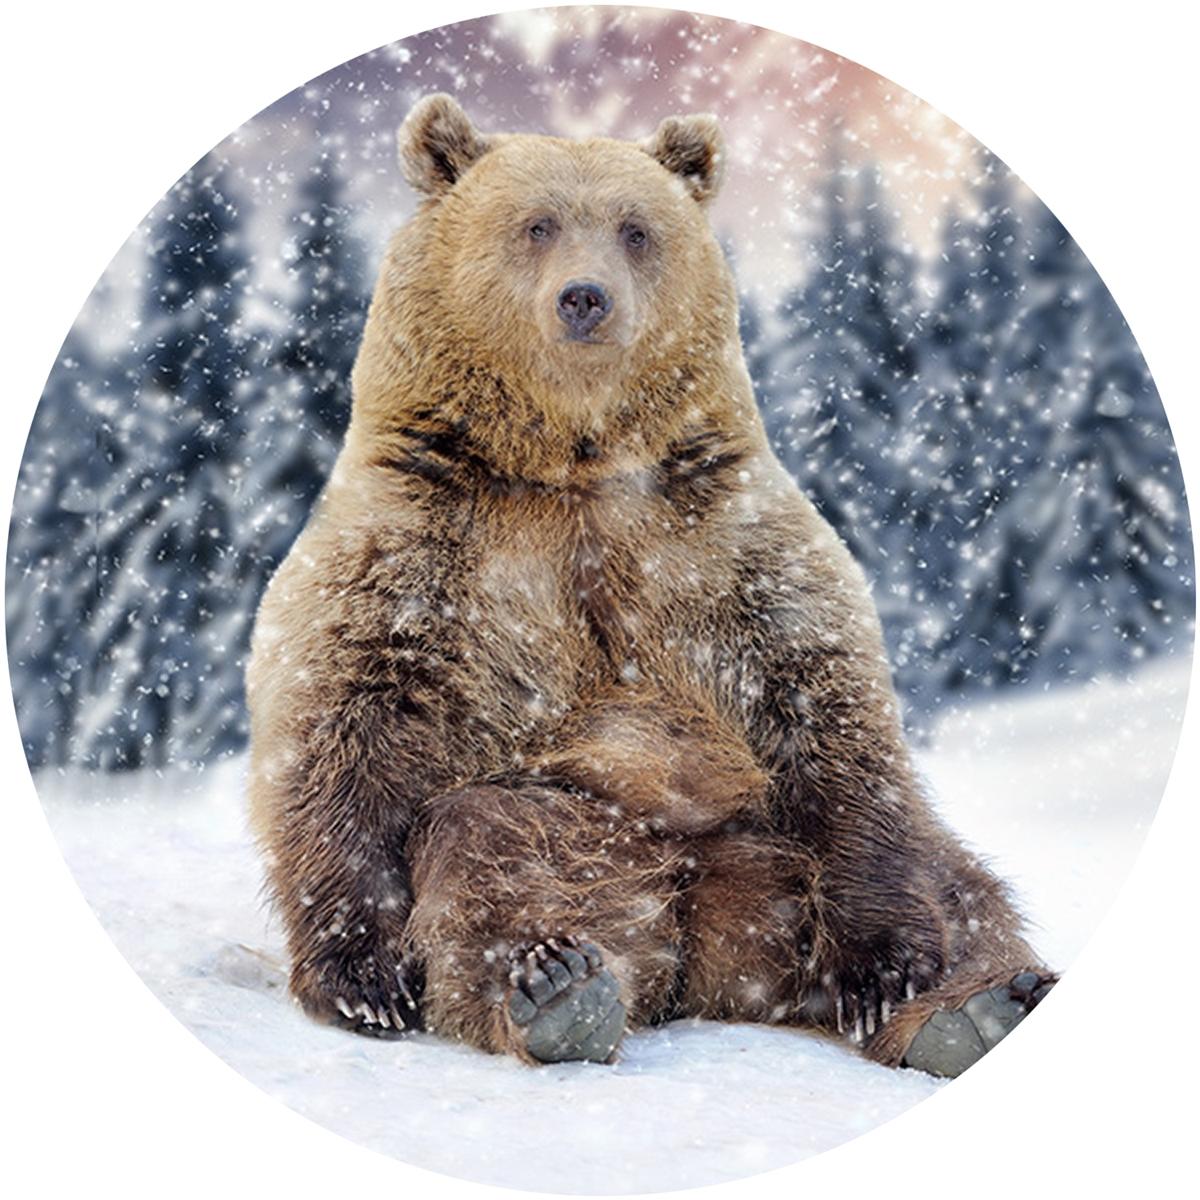 Winter Time Bear Envelope Seal